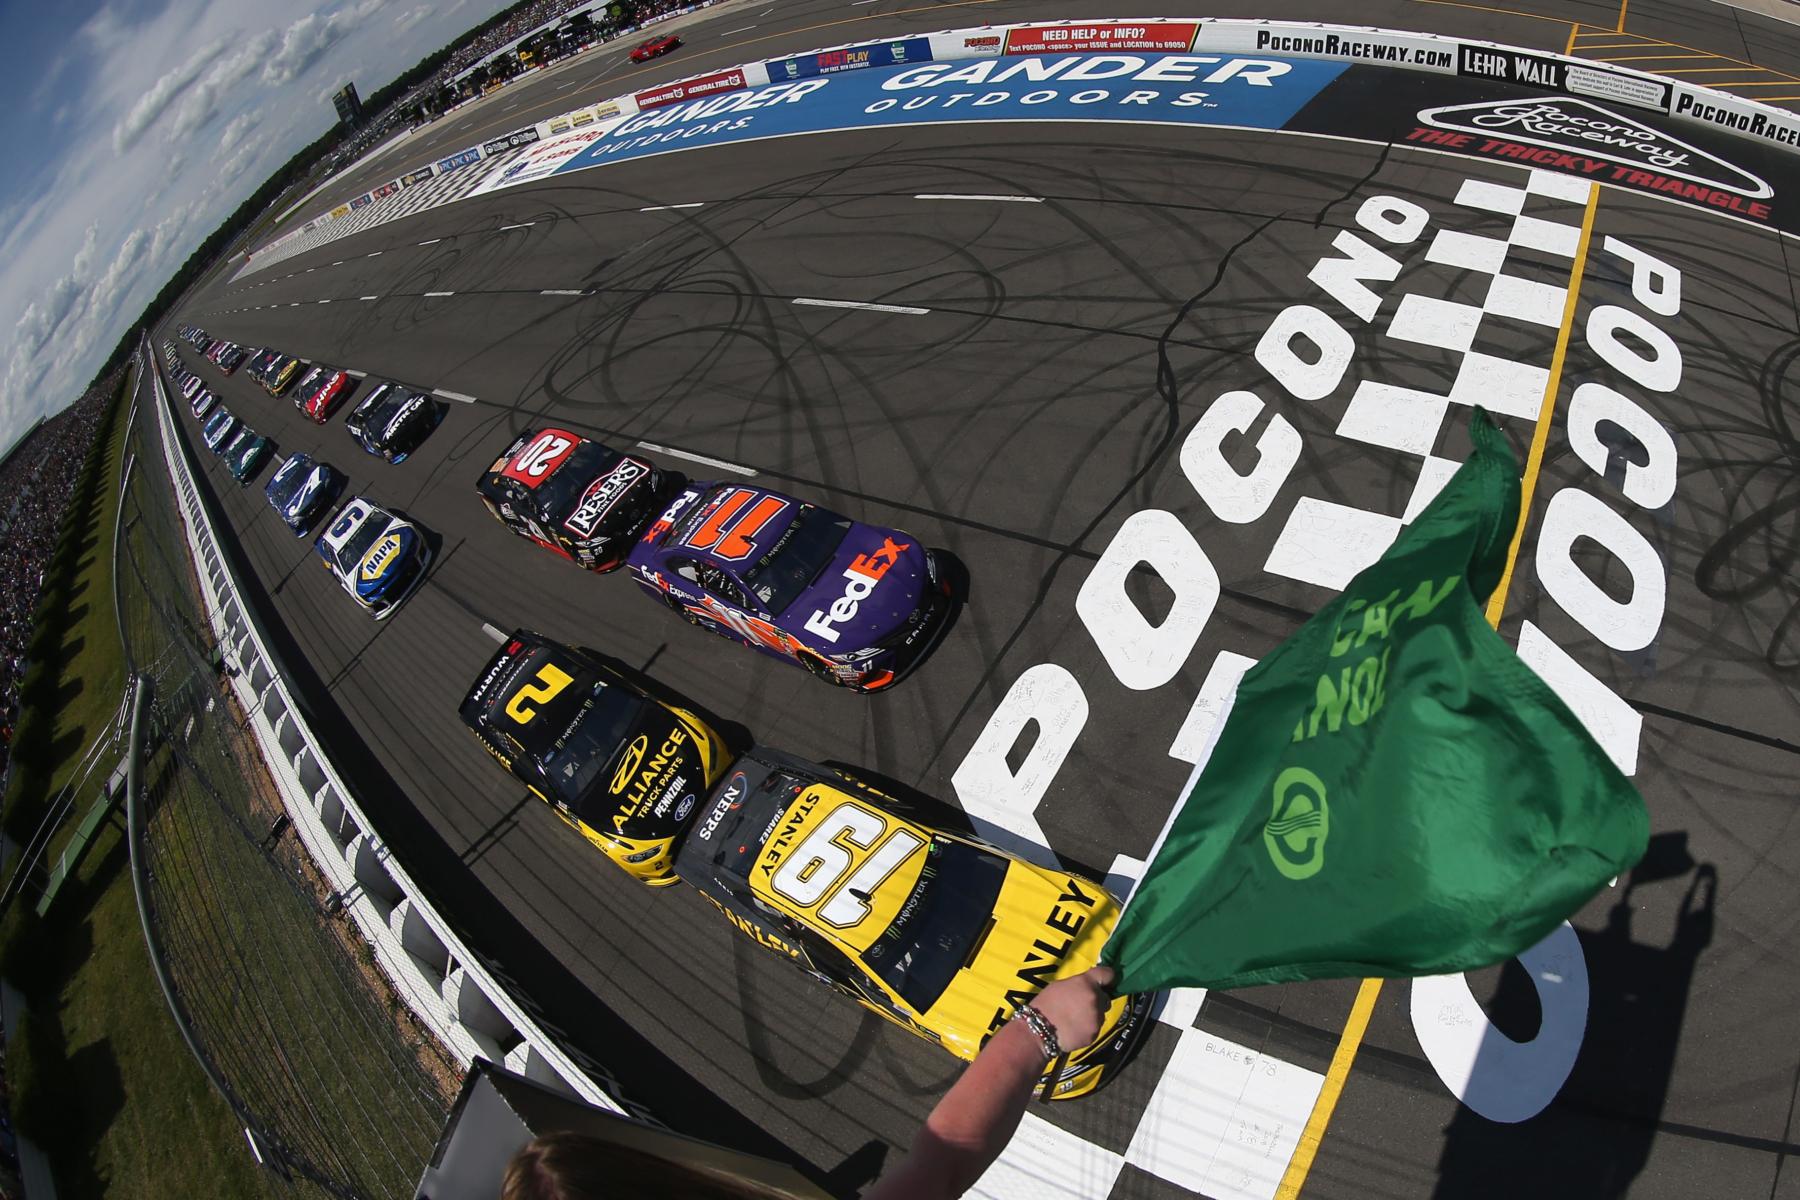 NASCAR Cup Series race at Pocono Raceway